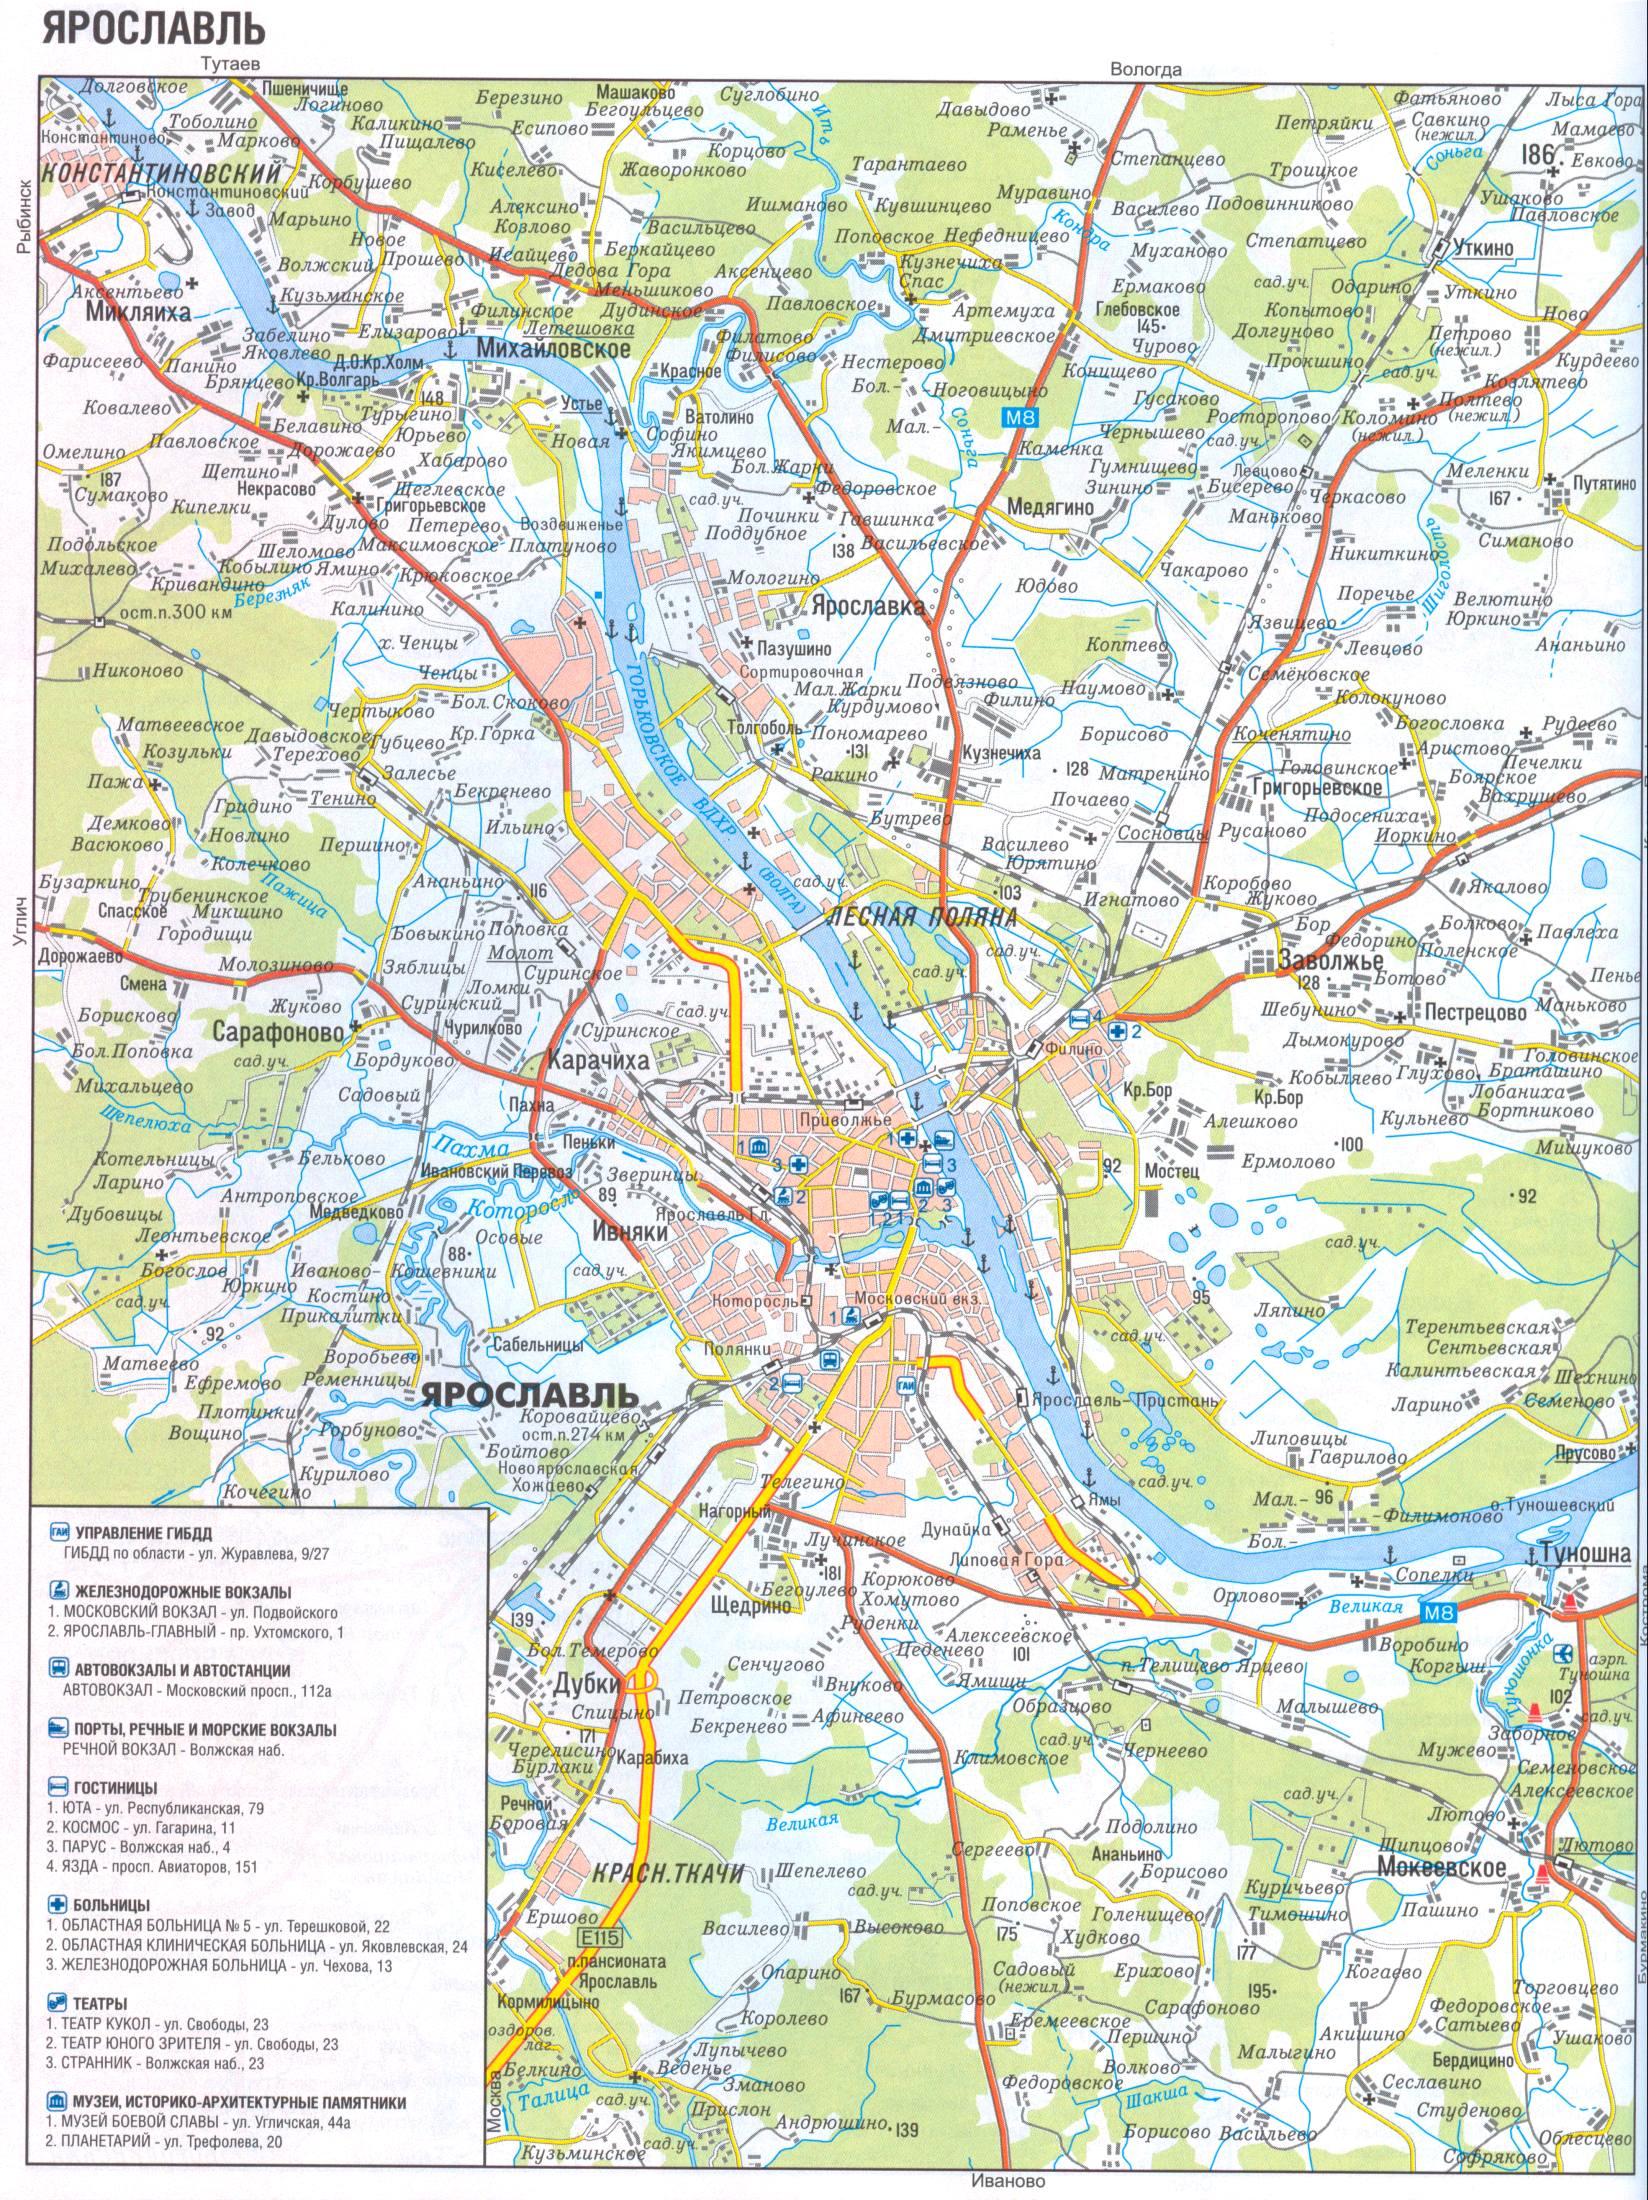 Карта Ярославля - это сервис, который позволяет пользователю найти тот или иной дом, строение, улицу города Ярославля.